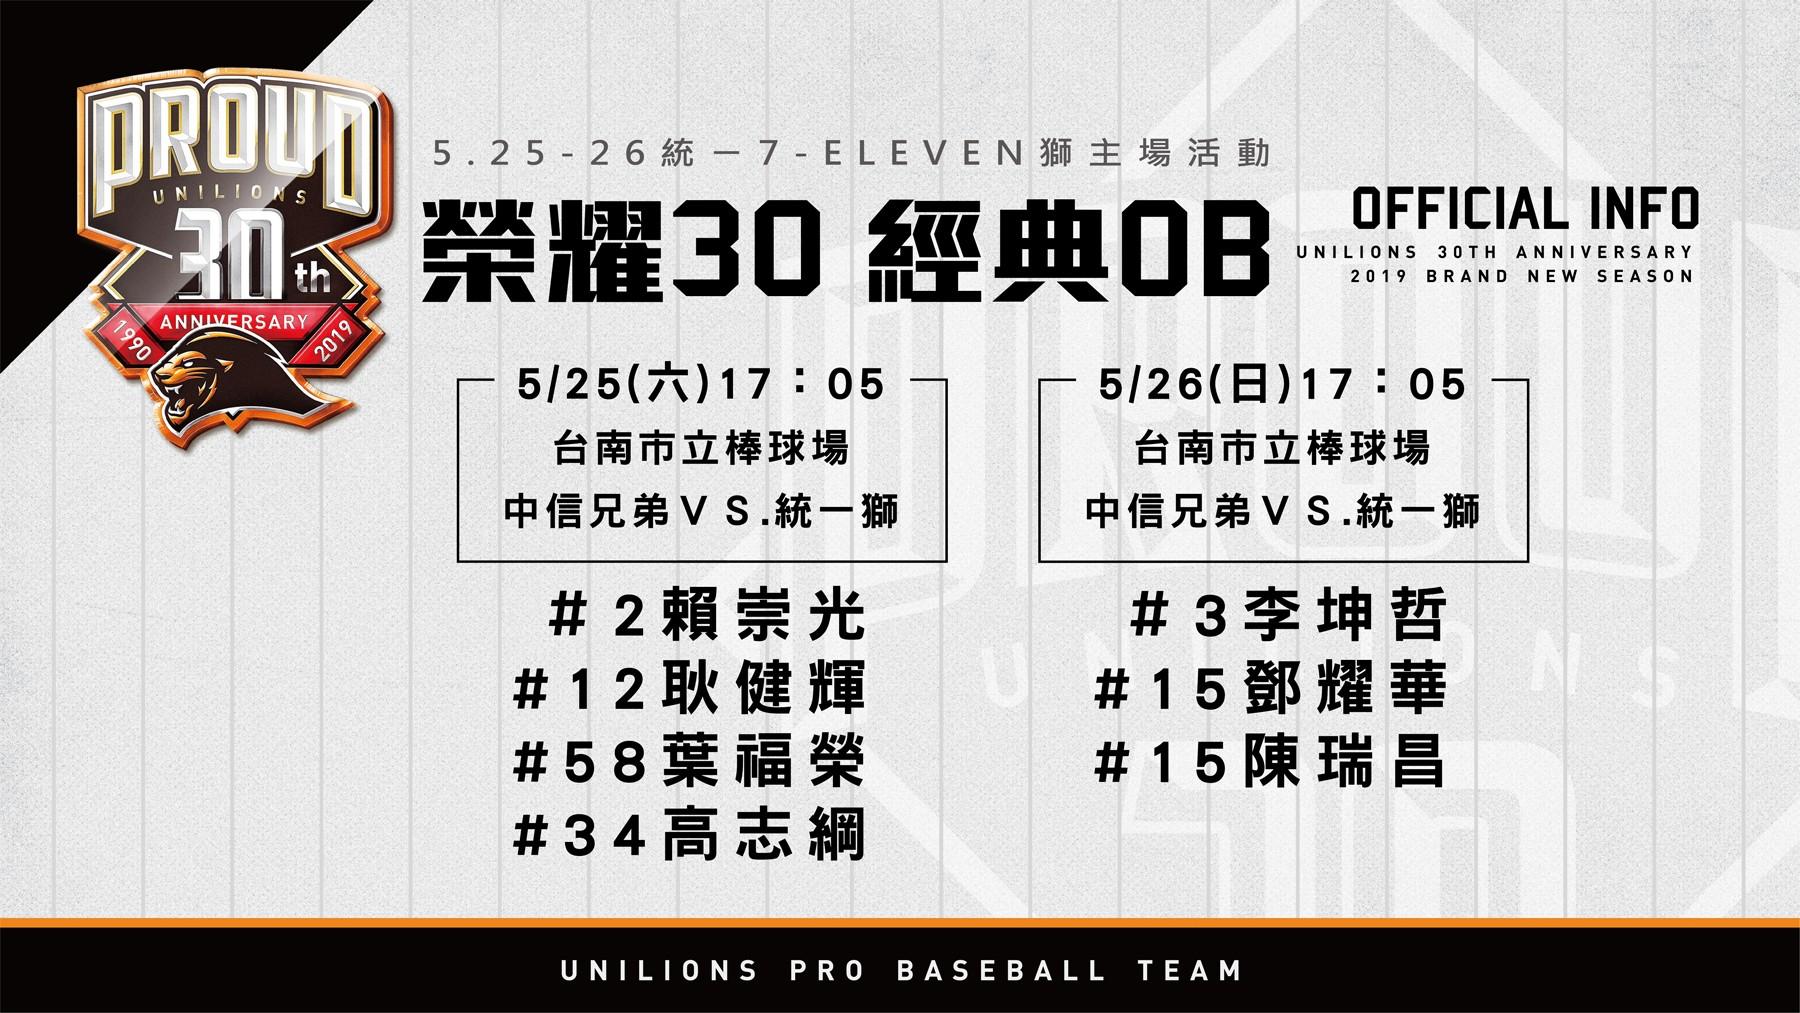 中職統一獅榮耀30傳統一戰 》邀請職棒元年選手回家